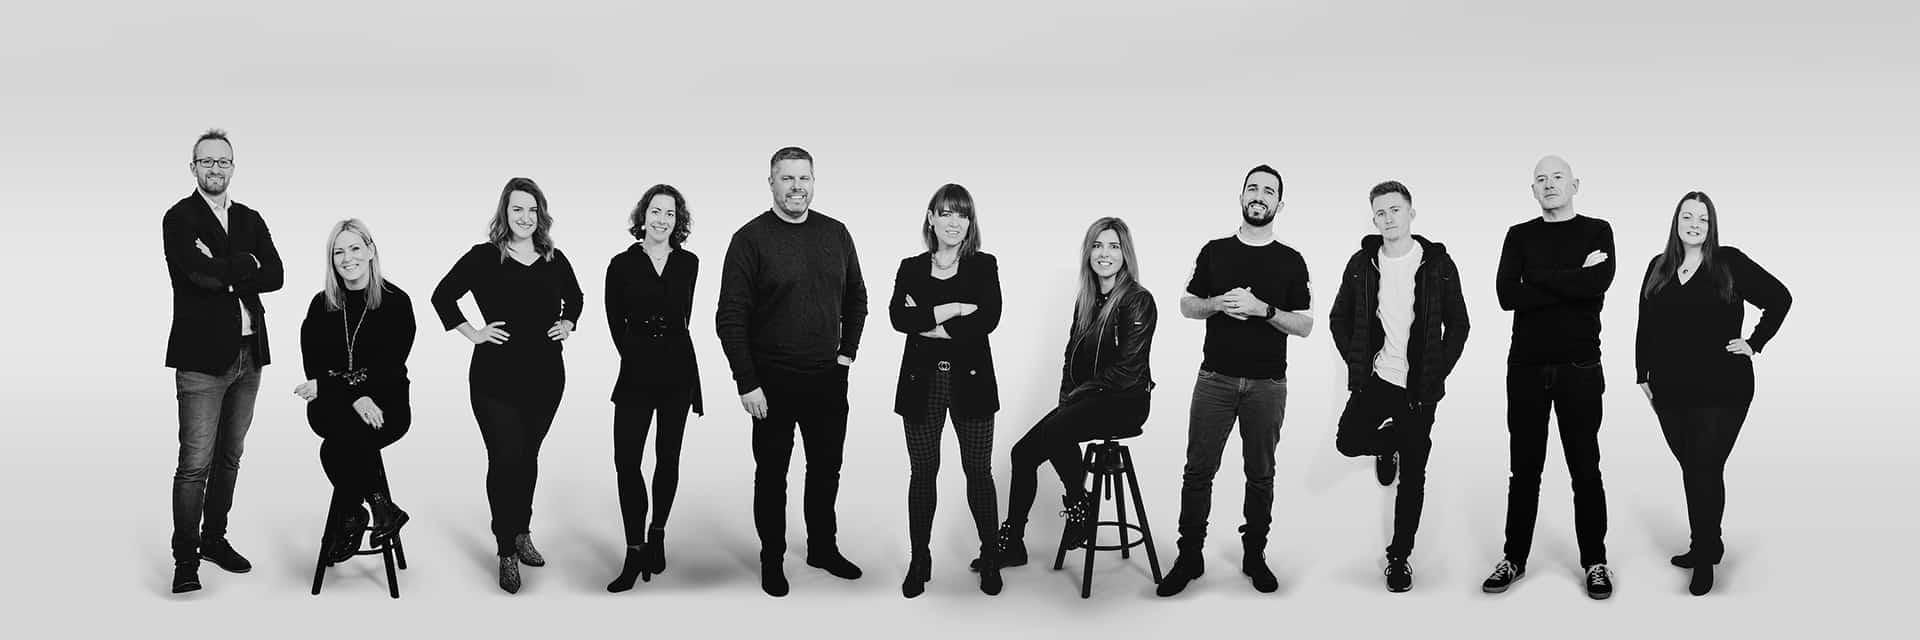 Freedom Media - Team